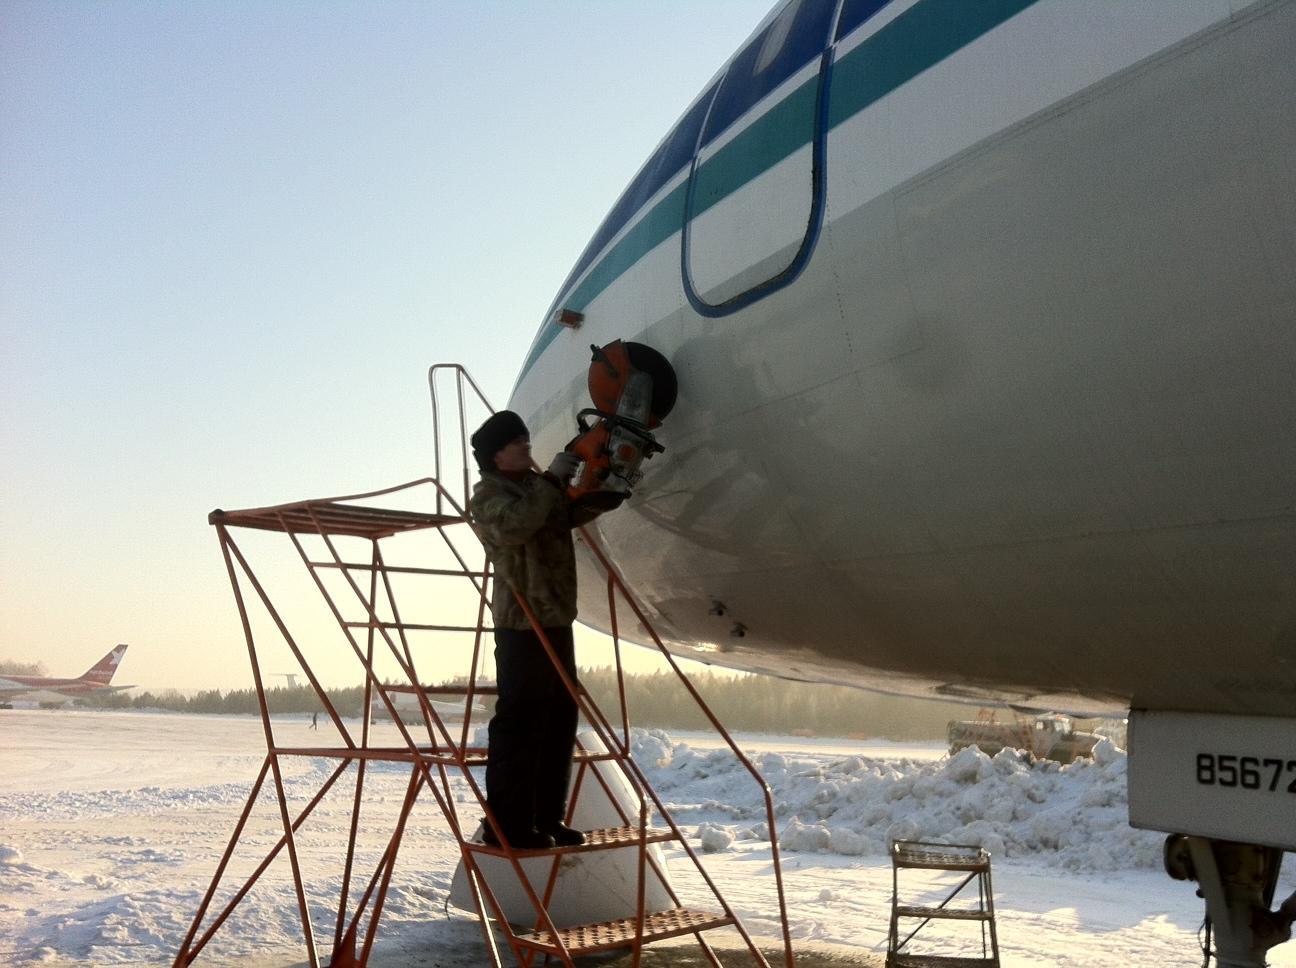 Процесс резки самолета для отделения кабины от фюзеляжа